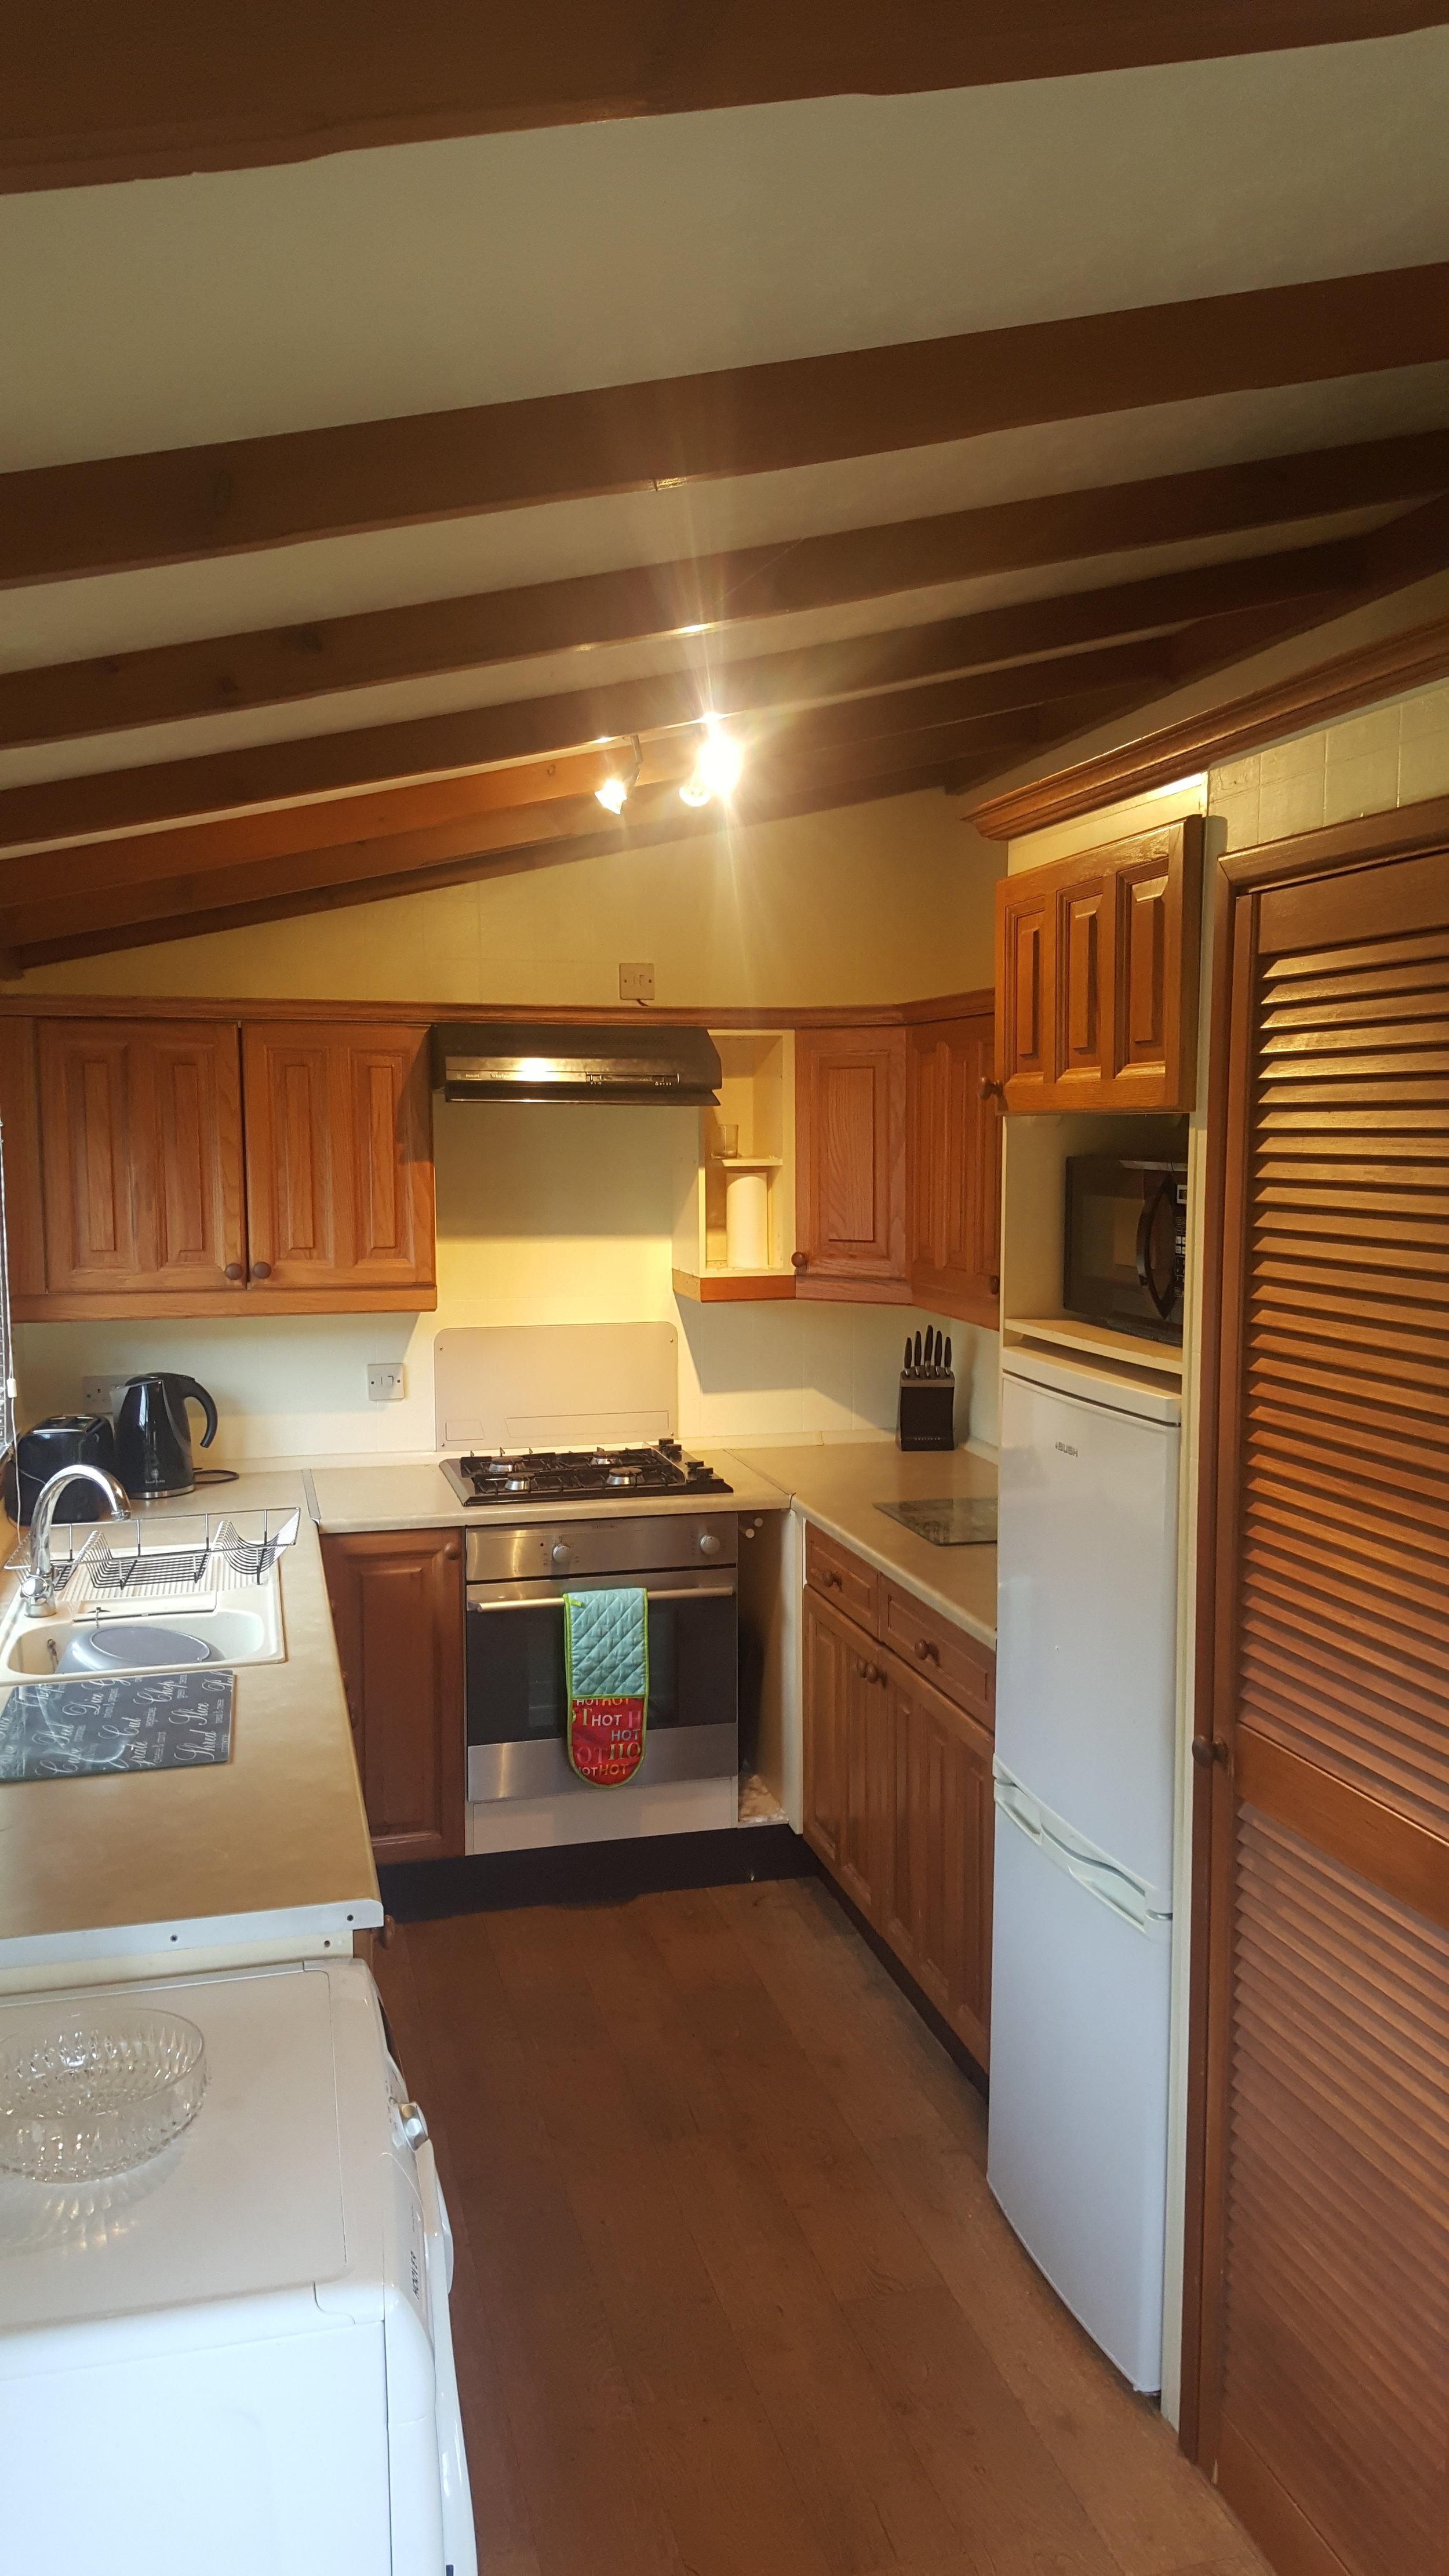 Kitchen - Lodge Lorton Vale Caravans lortonvalecaravans.co.uk